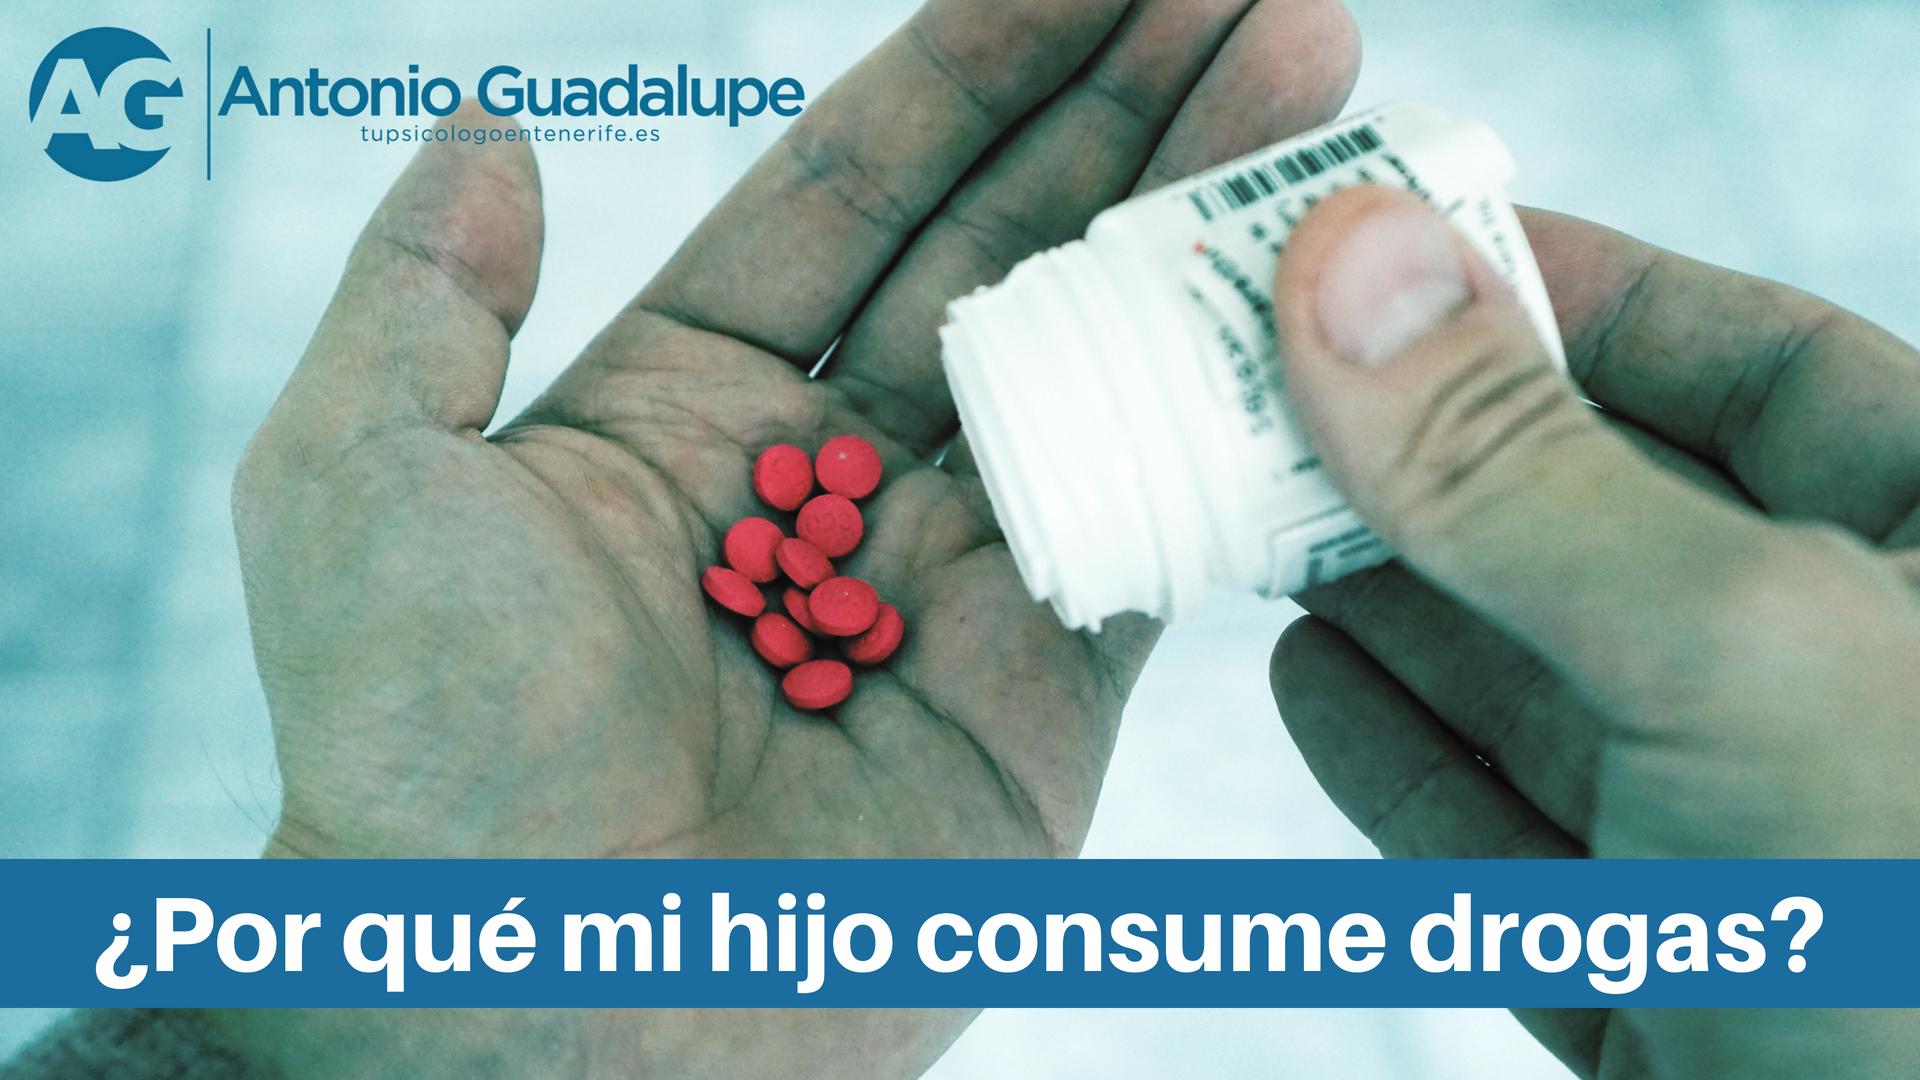 Tu Psicólogo en Tenerife responde ¿Por qué mi hijo consume drogas?